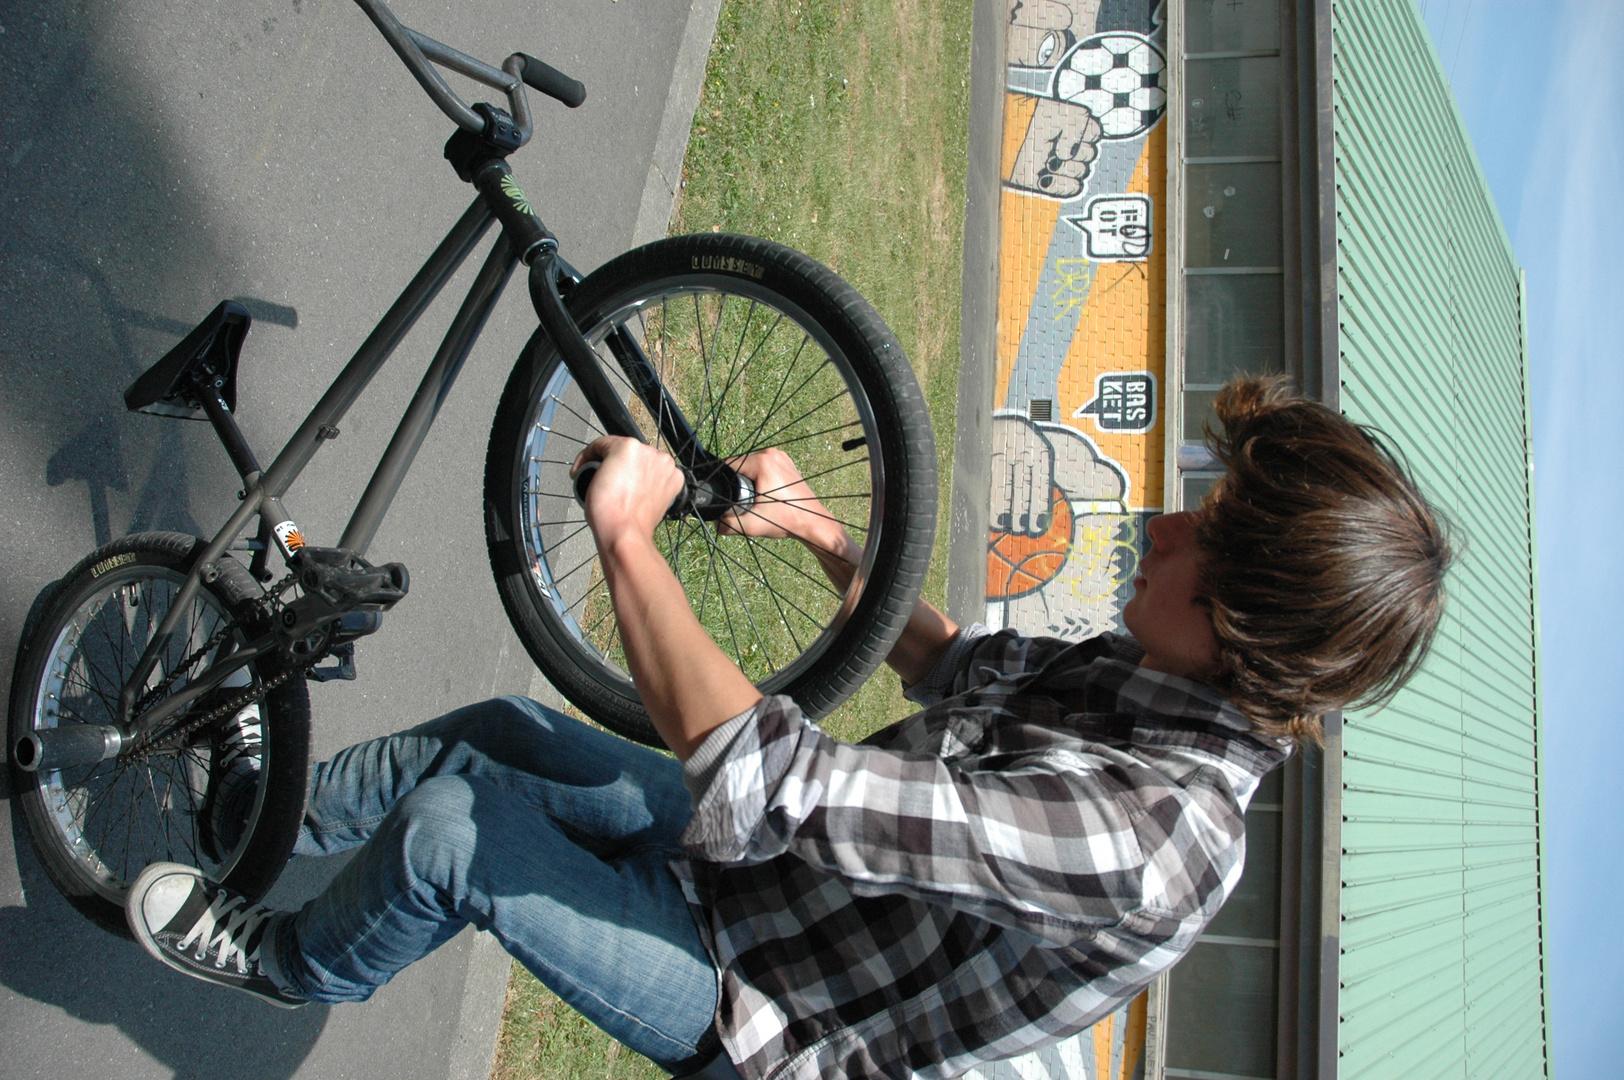 Flat en BMX